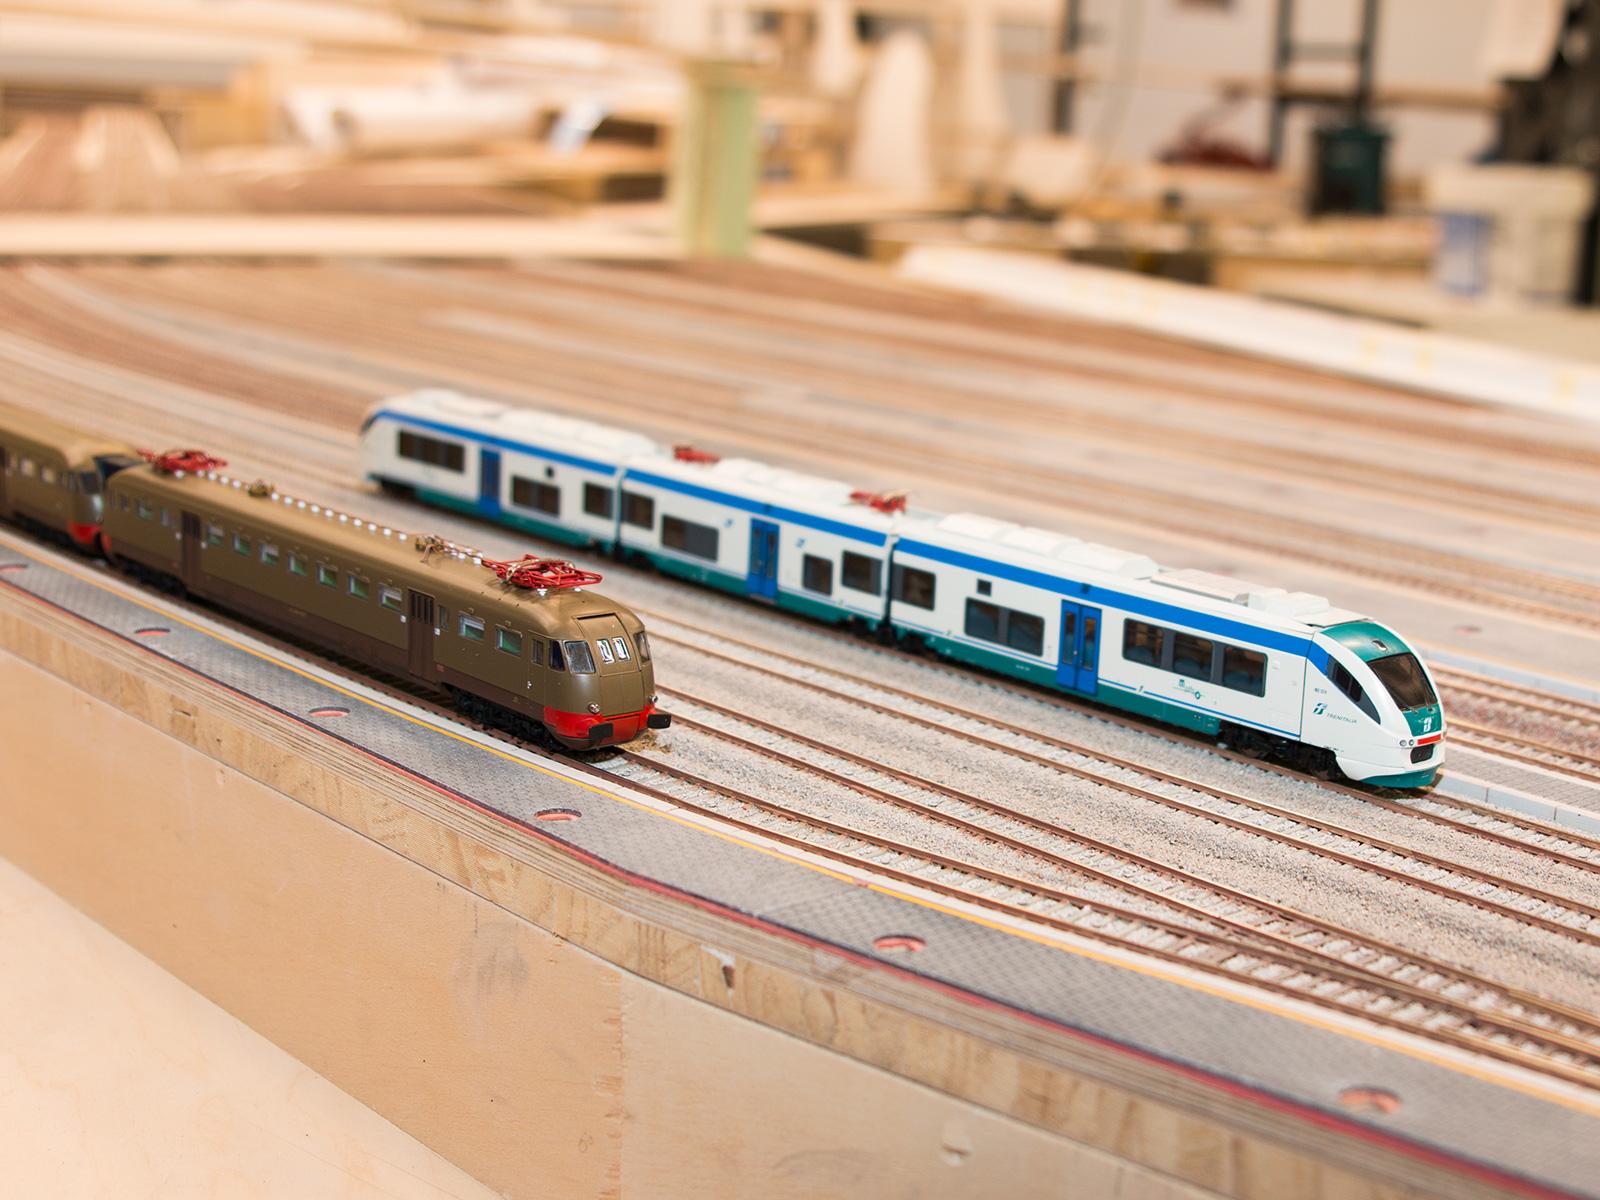 Nun mal zu einem anderen Standort. Auch wenn vom Bahnhof Rom noch nicht all zu viel zu erkennen ist können wir euch trotzdem schon einige Züge vorstellen, die später hier ein- und ausfahren werden. Wie zum Beispiel diese beiden Modelle. Es handelt sich um die Modelle 1538 und 1039 des Herstellers ViTrains. Da wir immer bemüht sind nicht nur moderne oder nur historische Züge zu zeigen, haben wir uns in diesem Fall für beide Modelle des Zuges entschieden.